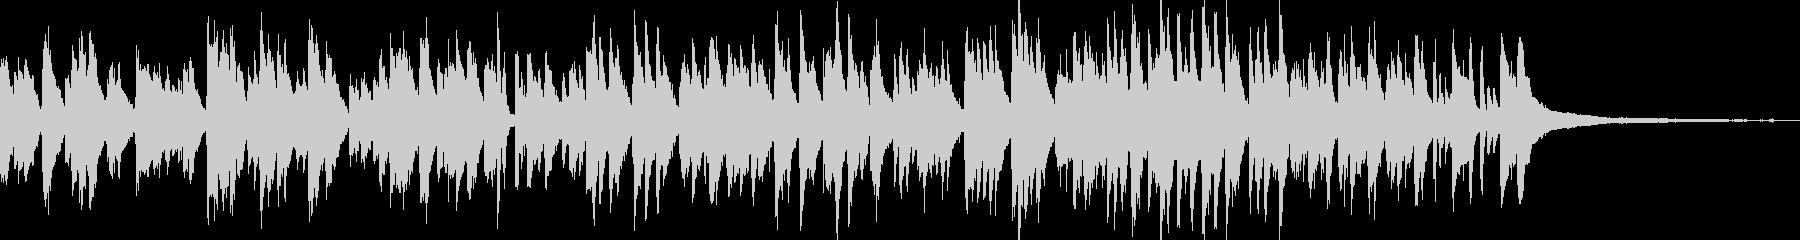 カフェラウンジ風ボサノバ/ピアノトリオの未再生の波形